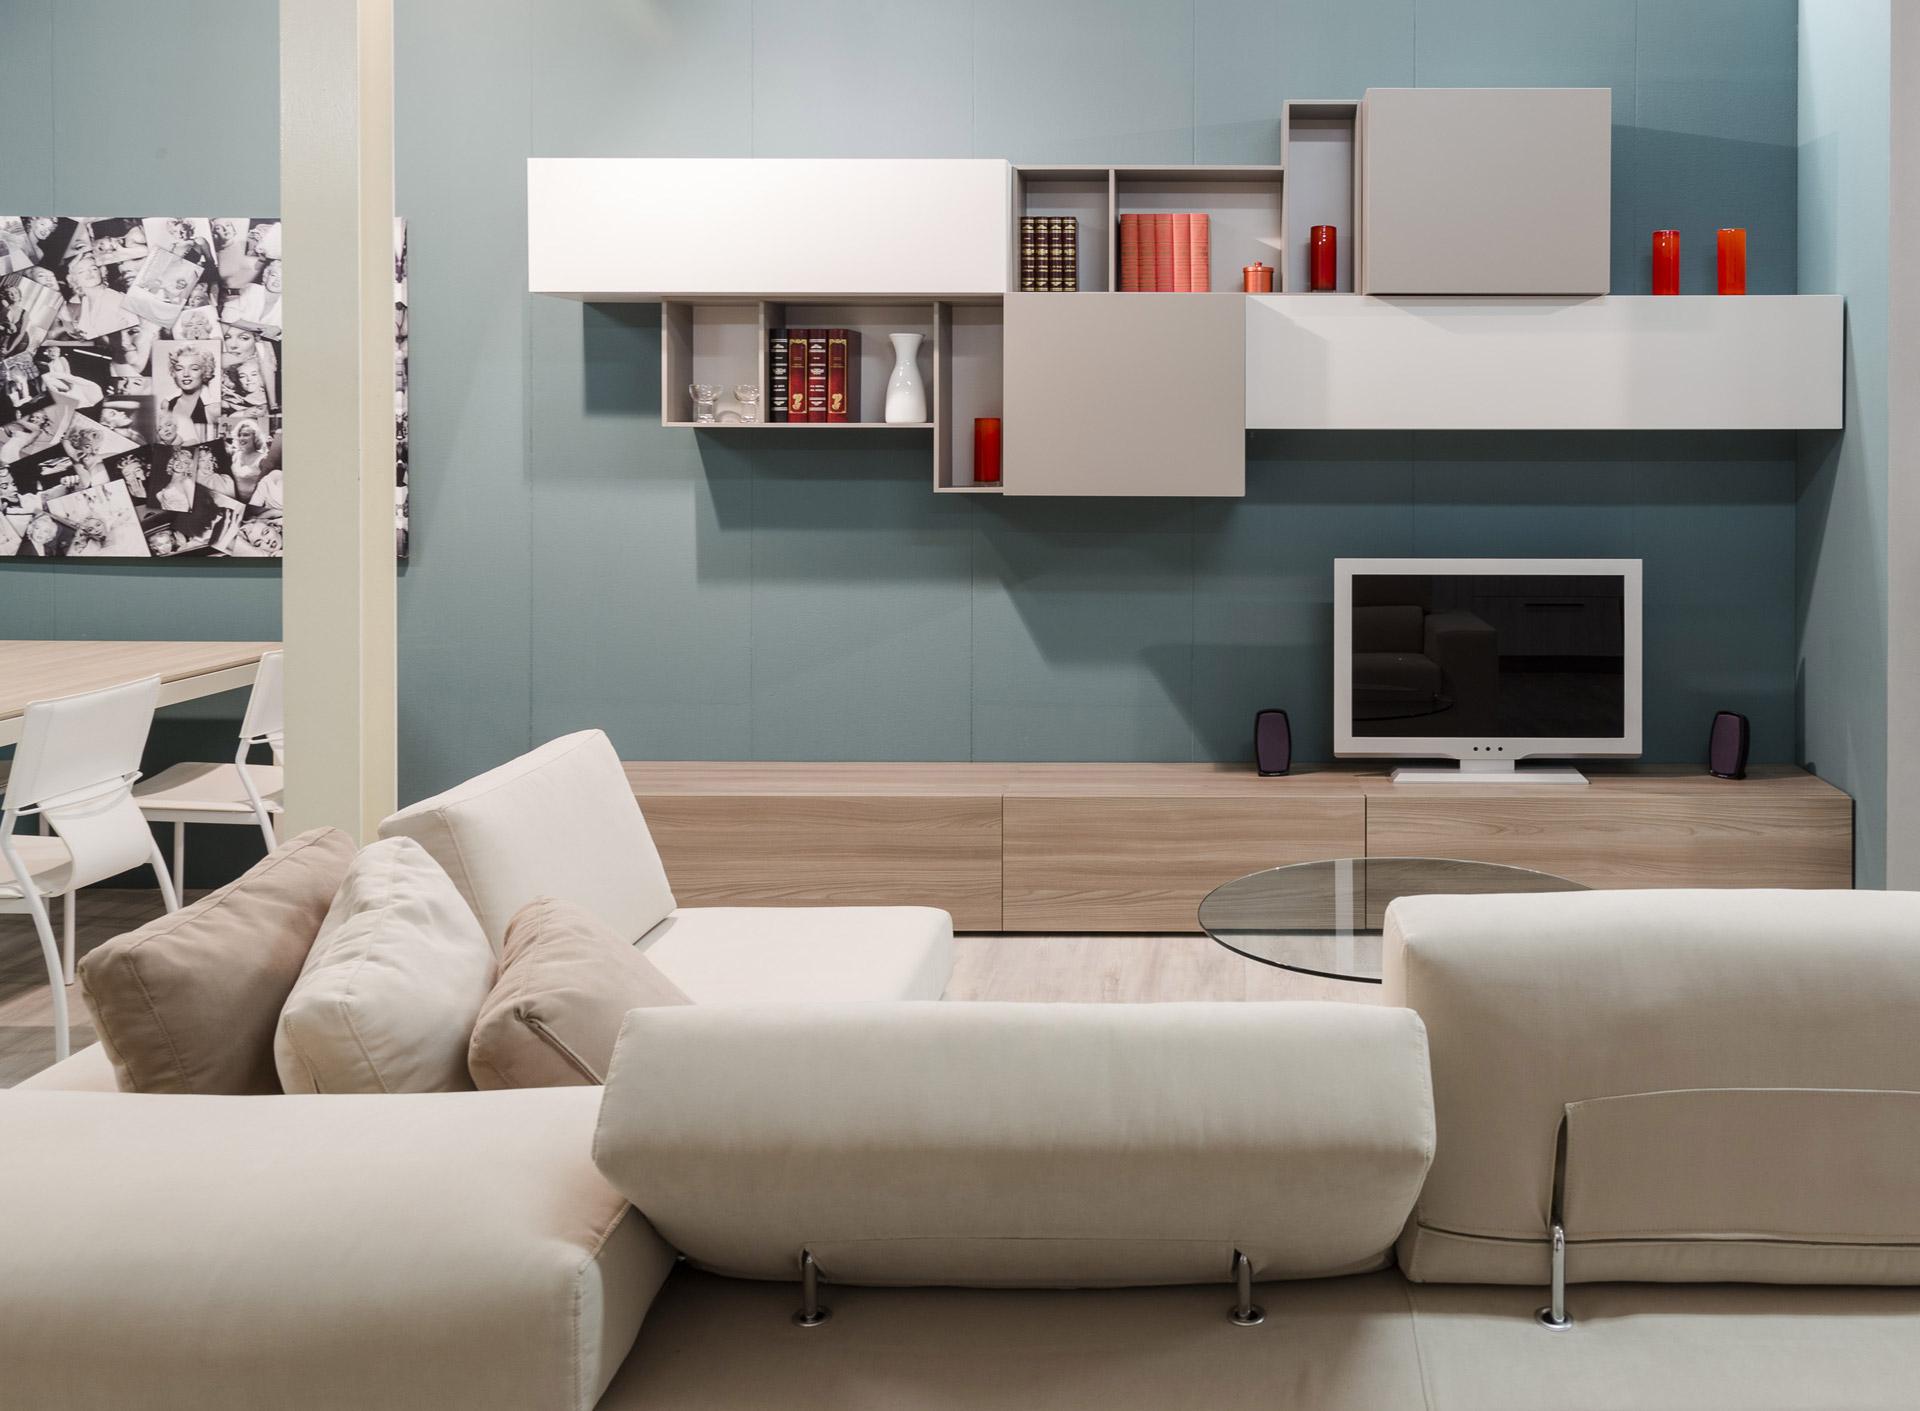 Soggiorni moderni imola pareti attrezzate e mobili for Soggiorni moderni prezzi